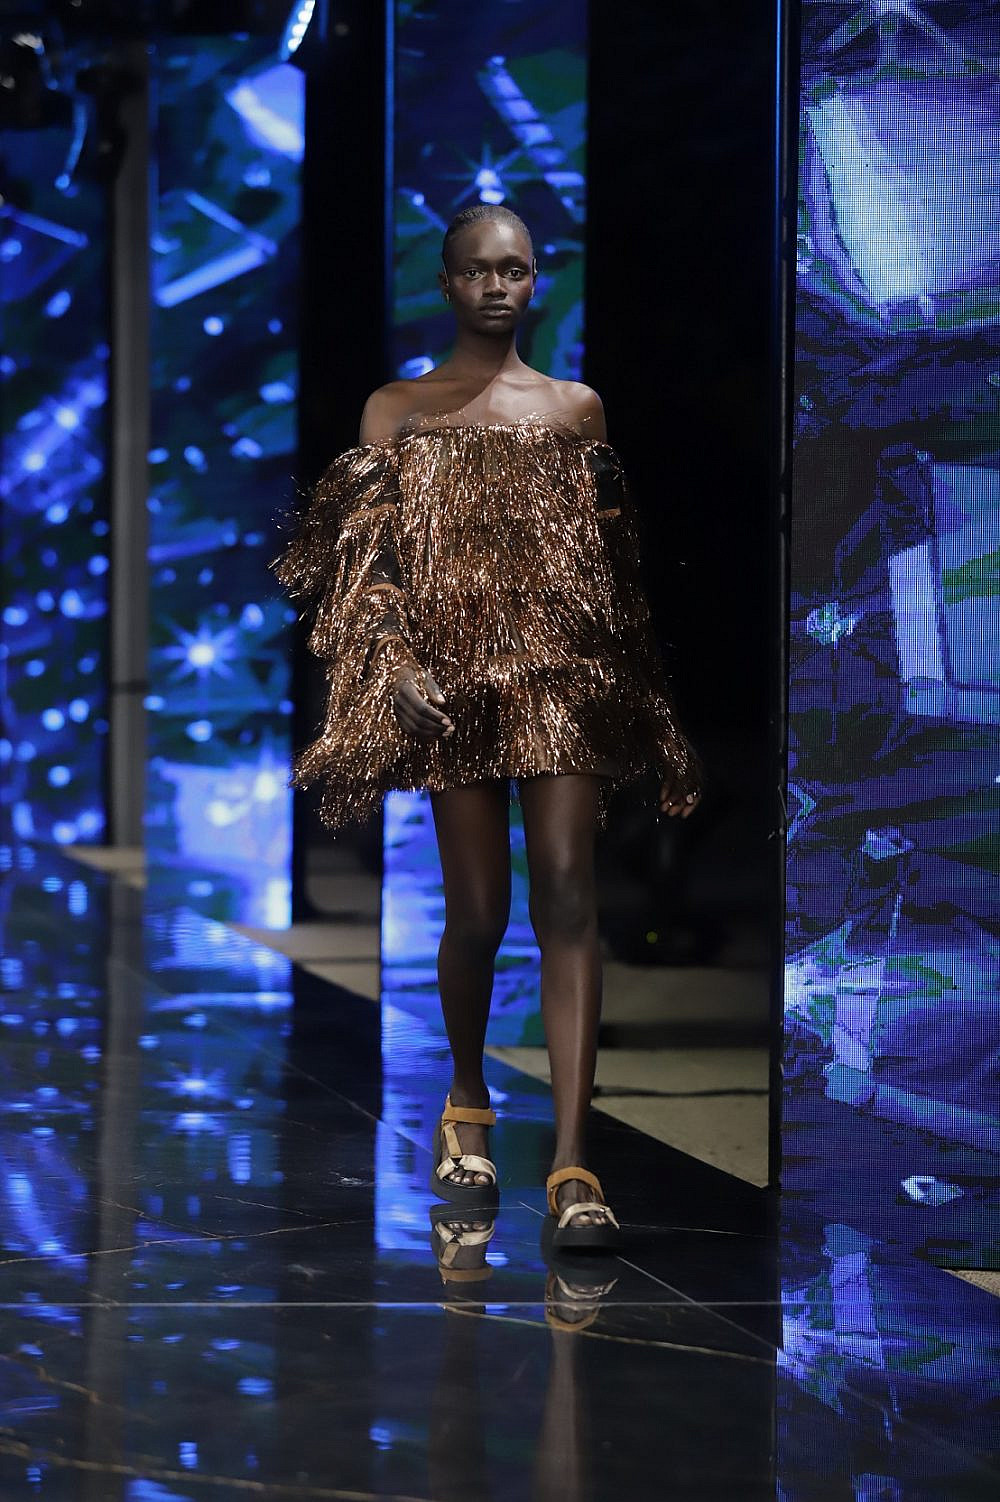 התצוגה של שלומית אזרד בשבוע האופנה תל אביב קורנית 2021 | צילום: אבי ולדמן